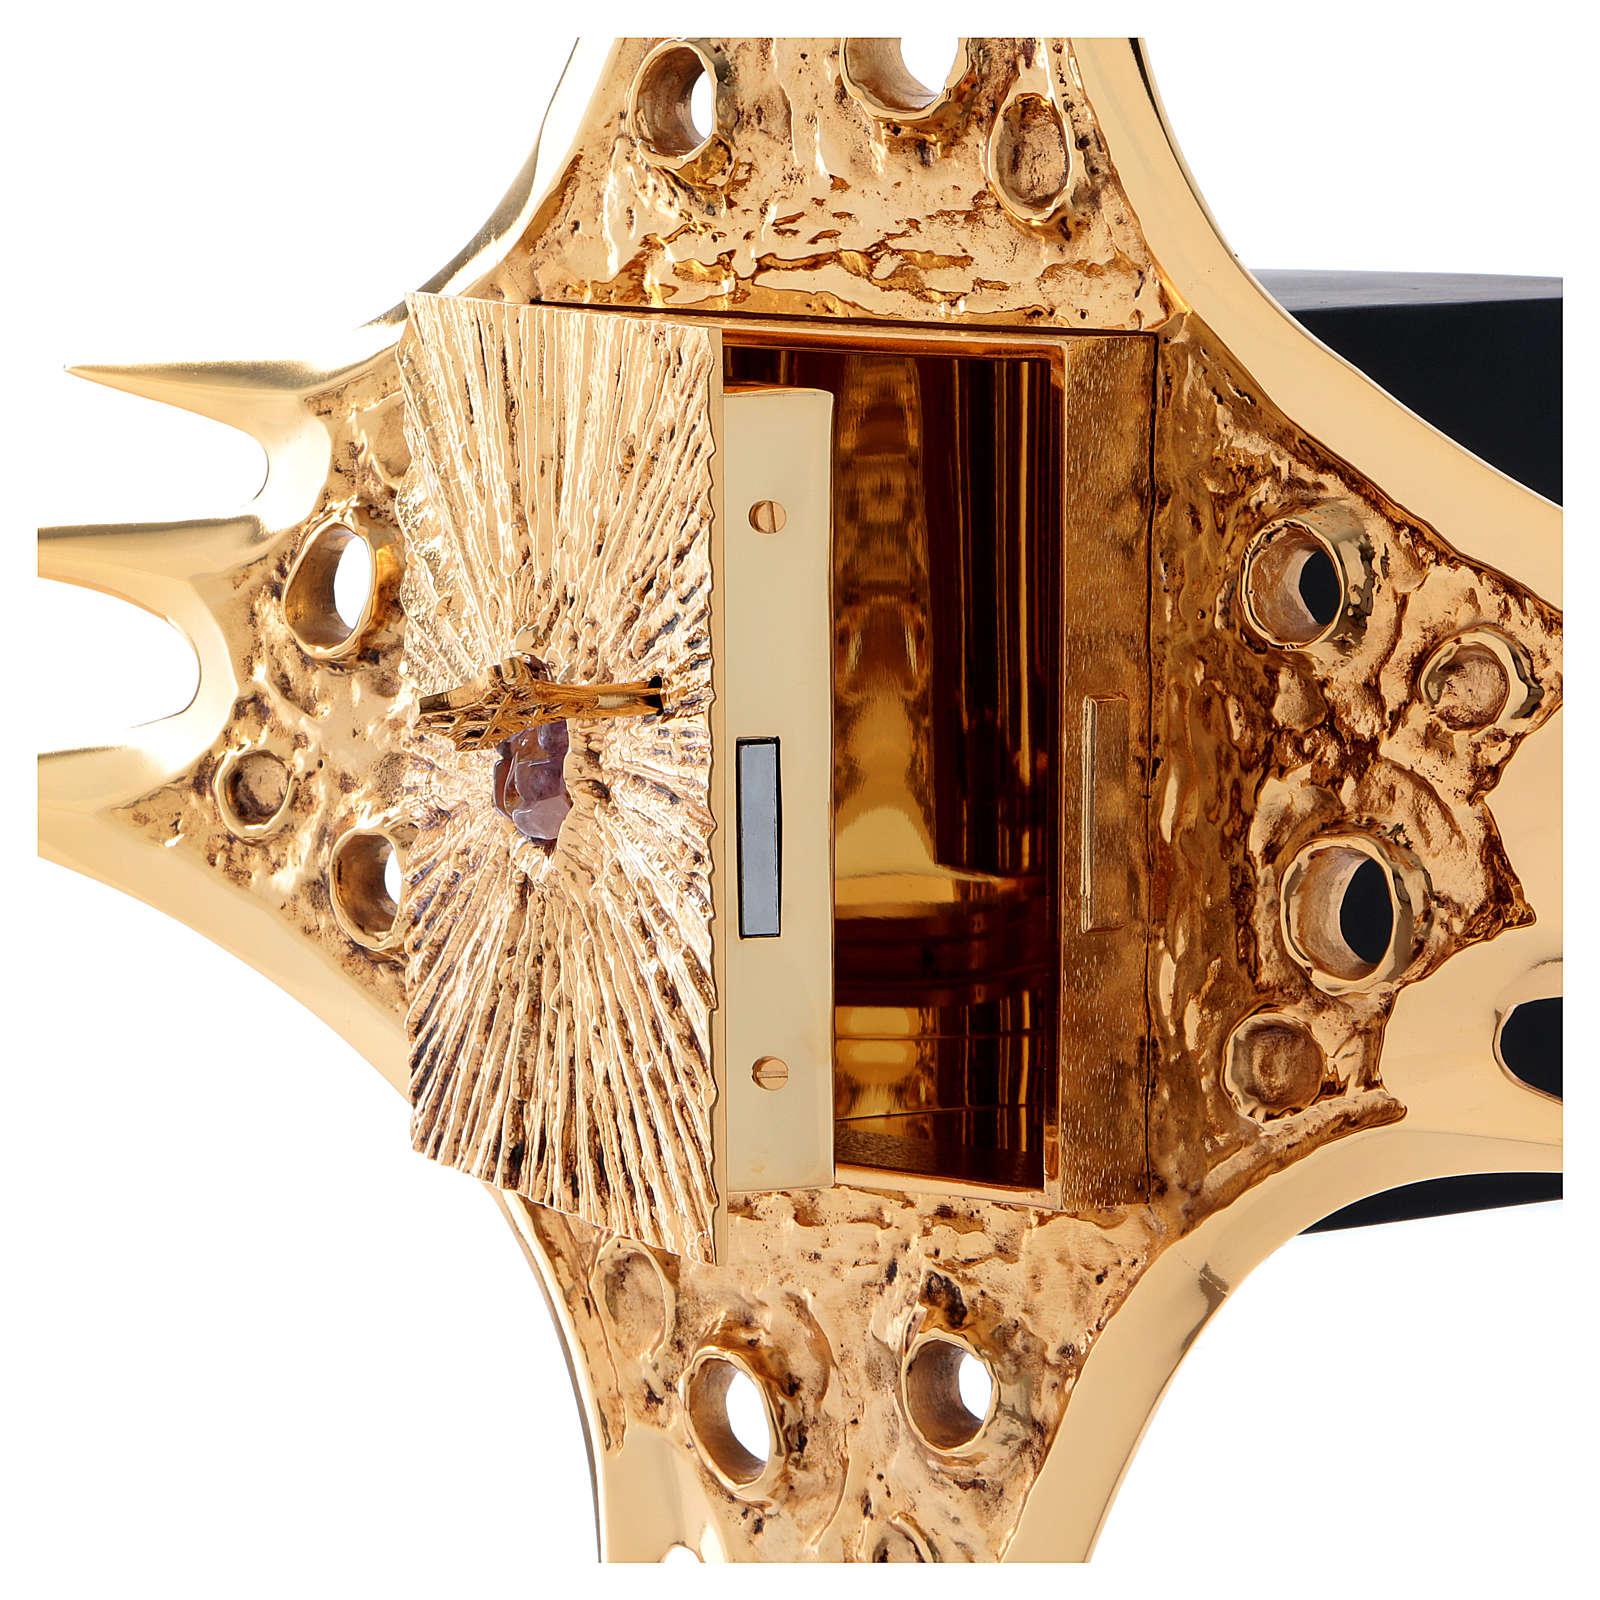 Tabernacolo parete ottone dorato fori 80x80 cm 4